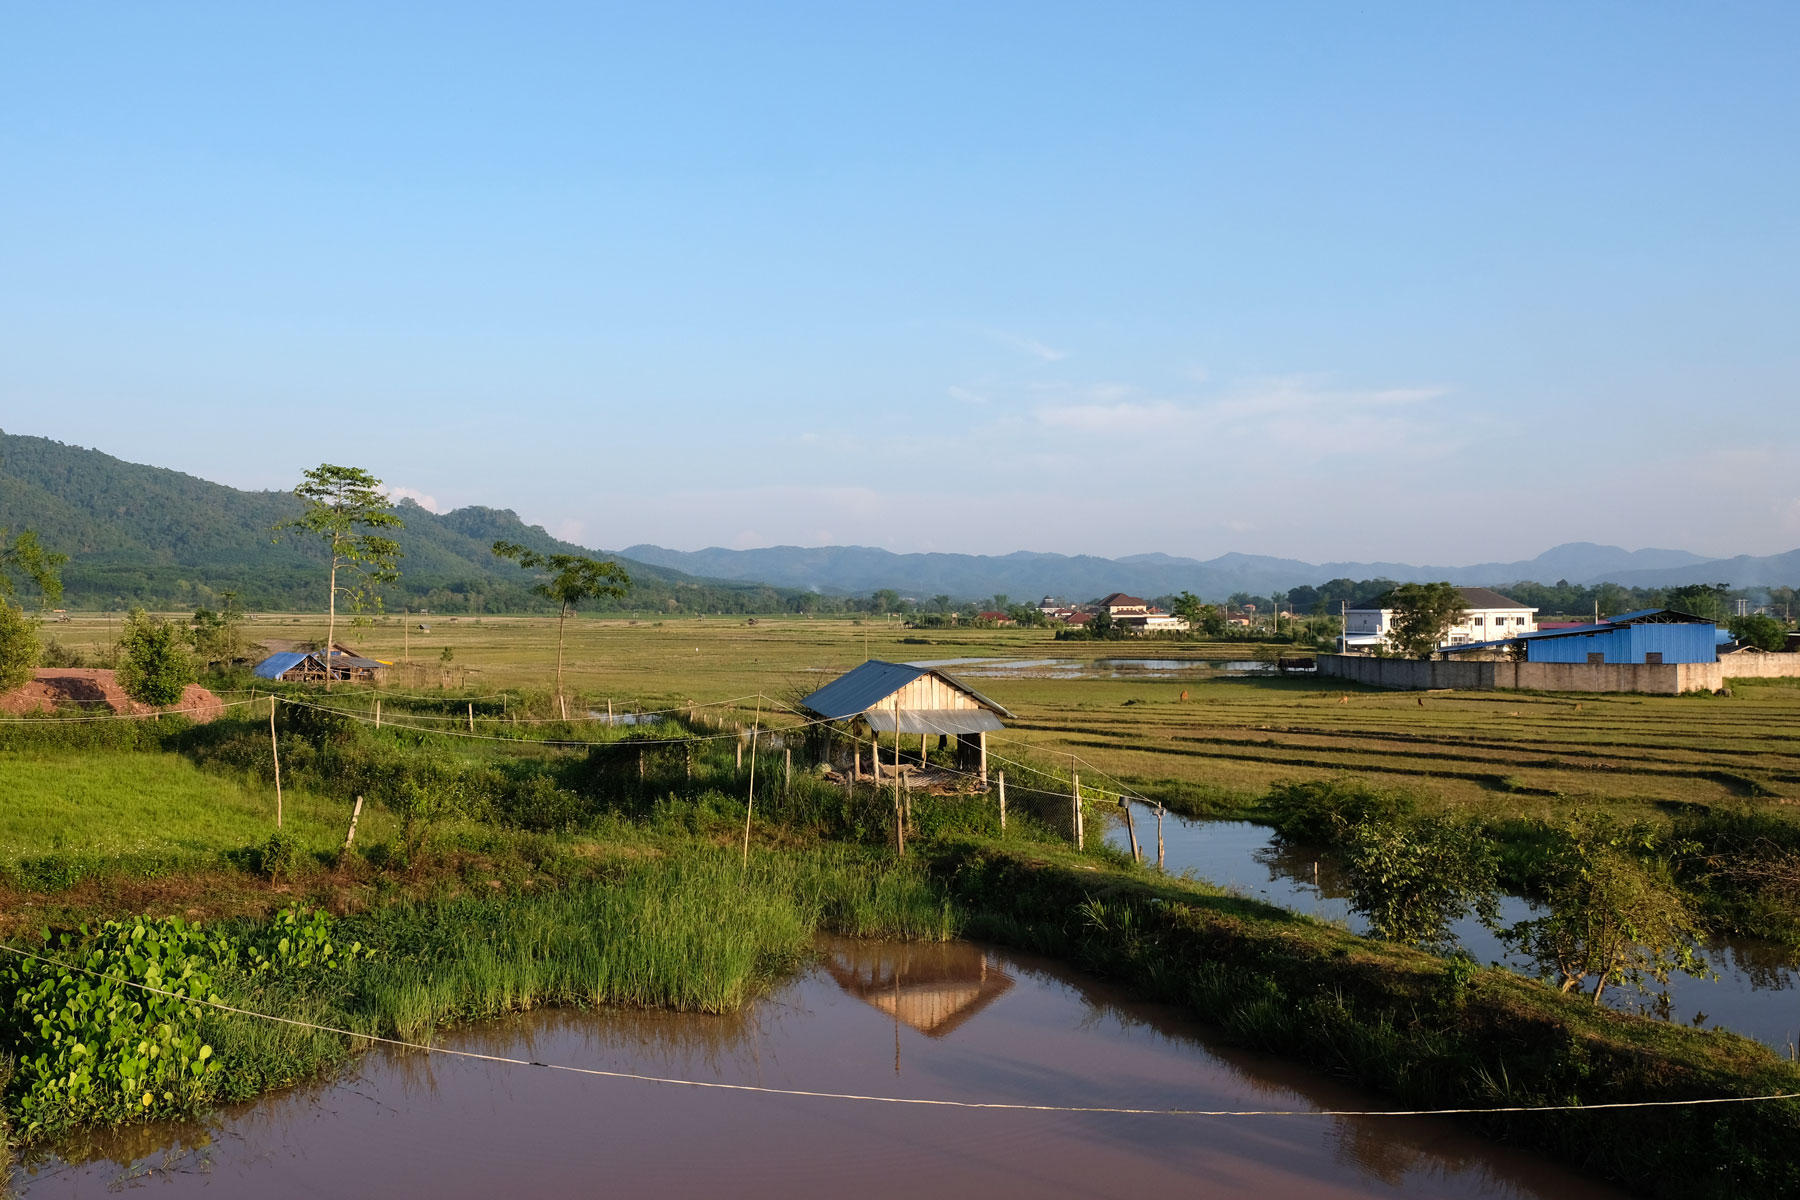 Eine Hütte und Felder bei Luang Namtha.